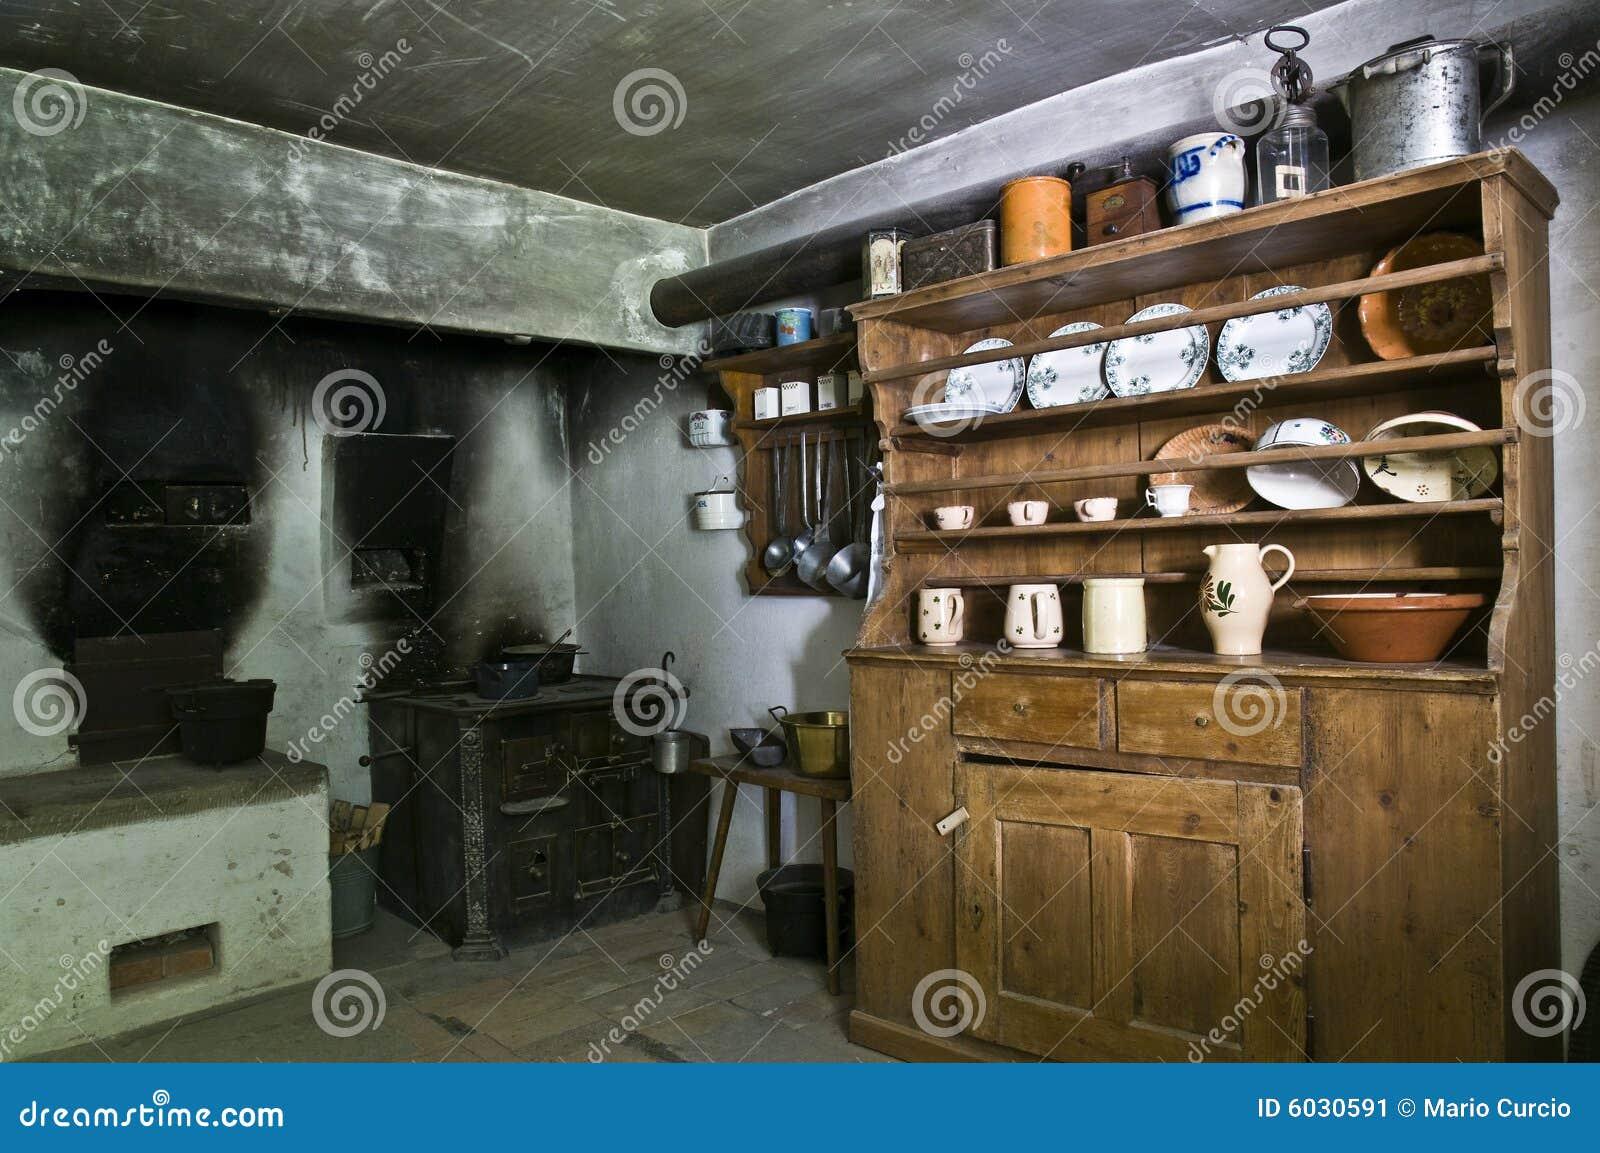 Cucina Antica Immagine Stock Immagine: 6030591 #634A2C 1300 953 Foto Di Case Con Cucina A Vista